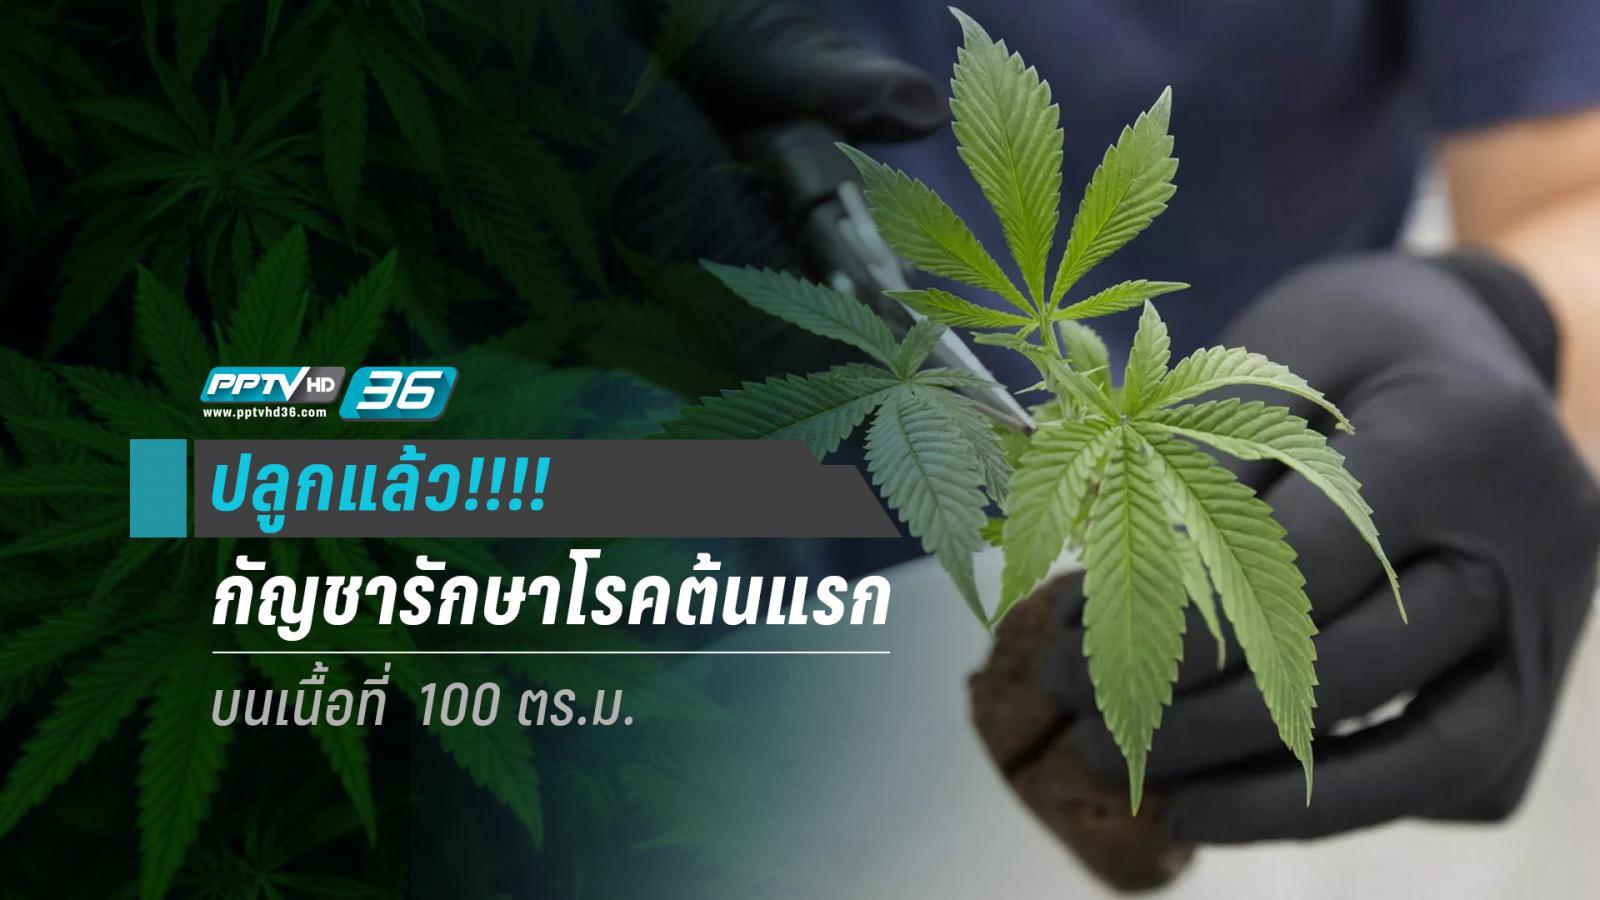 ปลูกแล้ว!!! กัญชารักษาโรคต้นแรกในอาเซียน